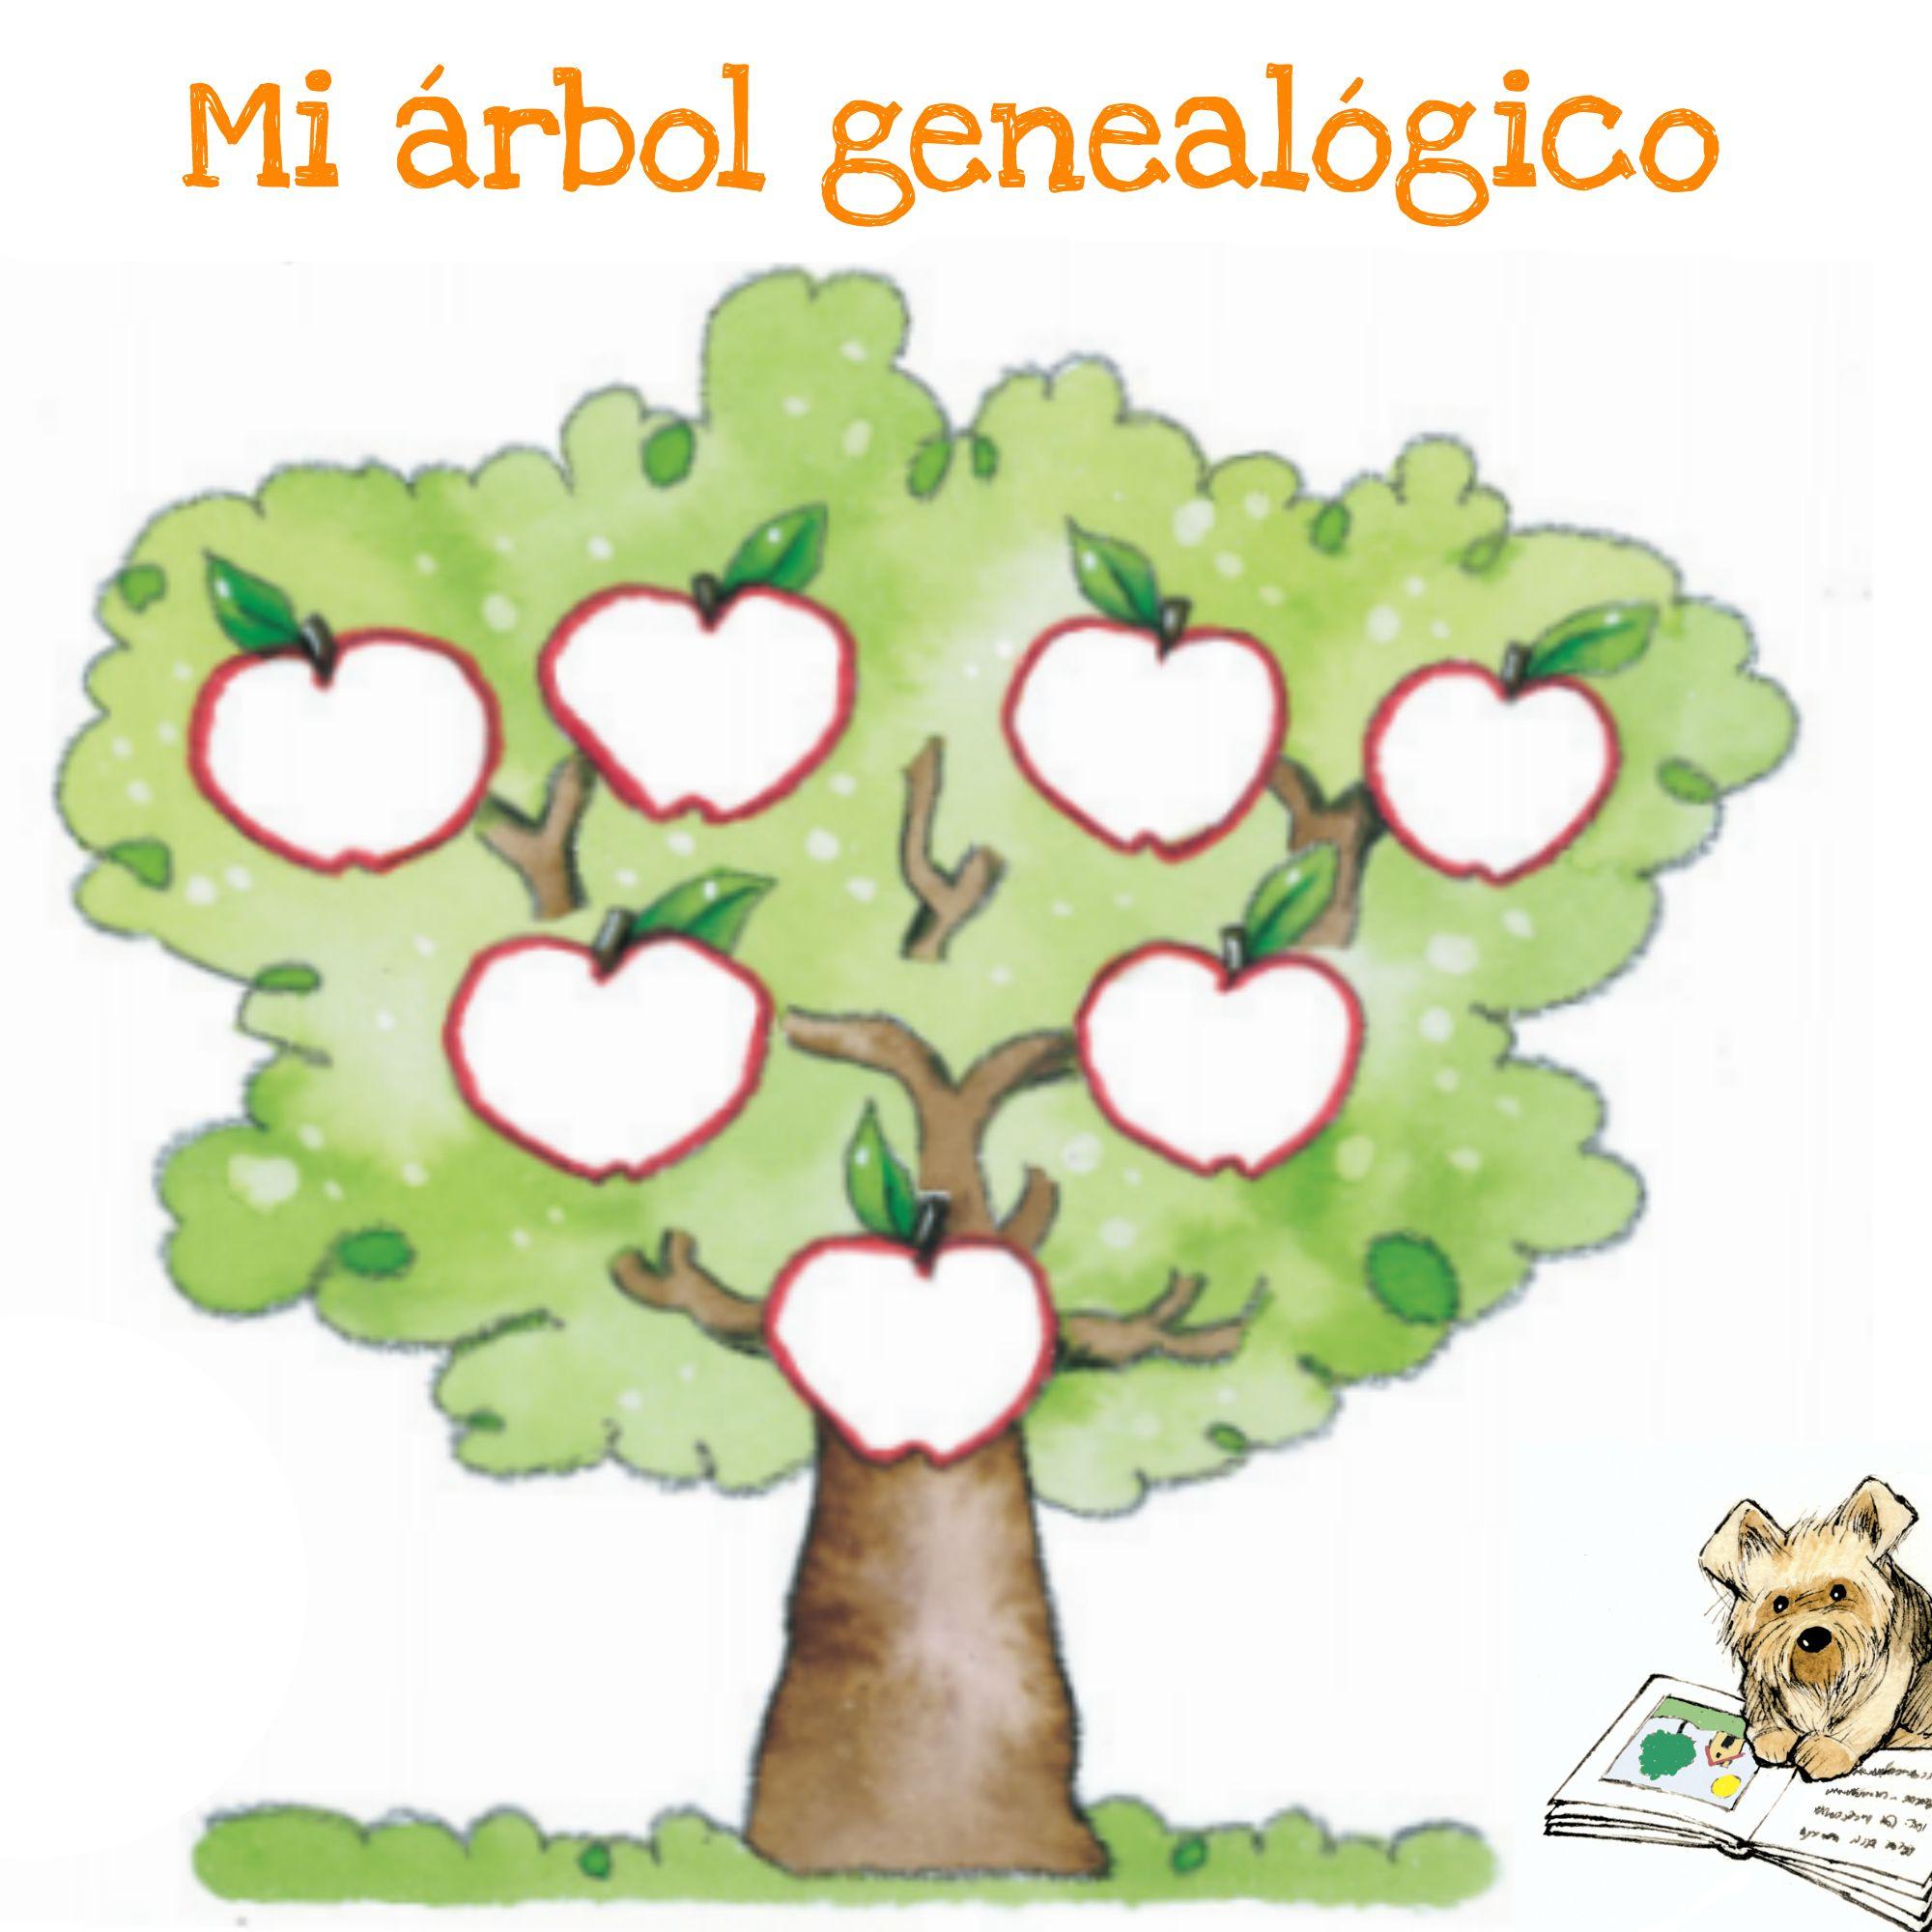 Mi árbol genealógico - plantilla - family tree - Gemser Libros ...